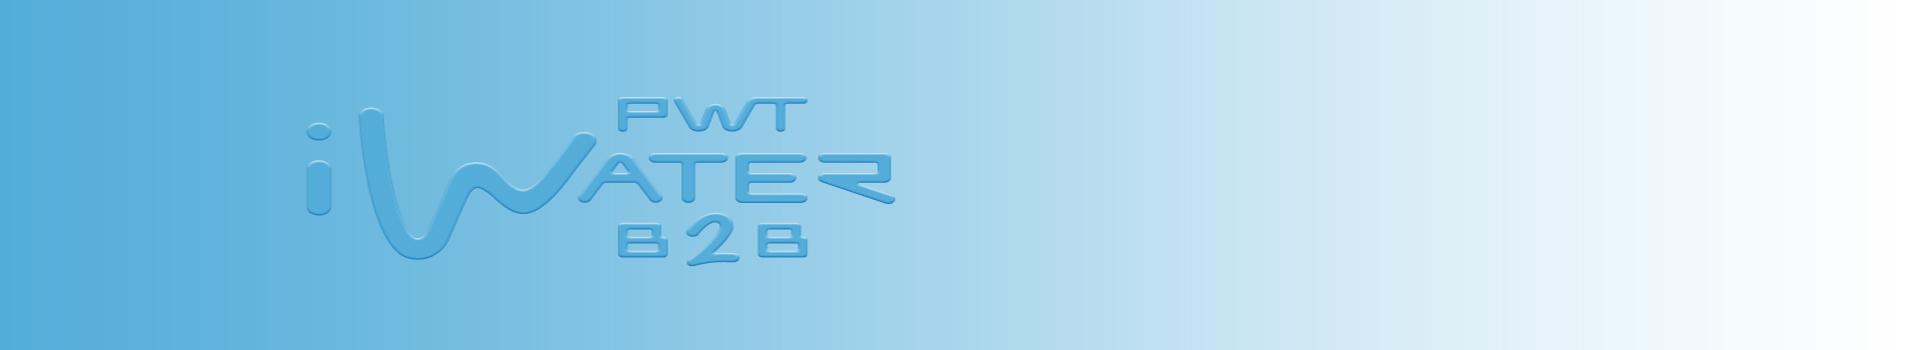 Μάθετε τα πάντα για το<br/>iWater B2B